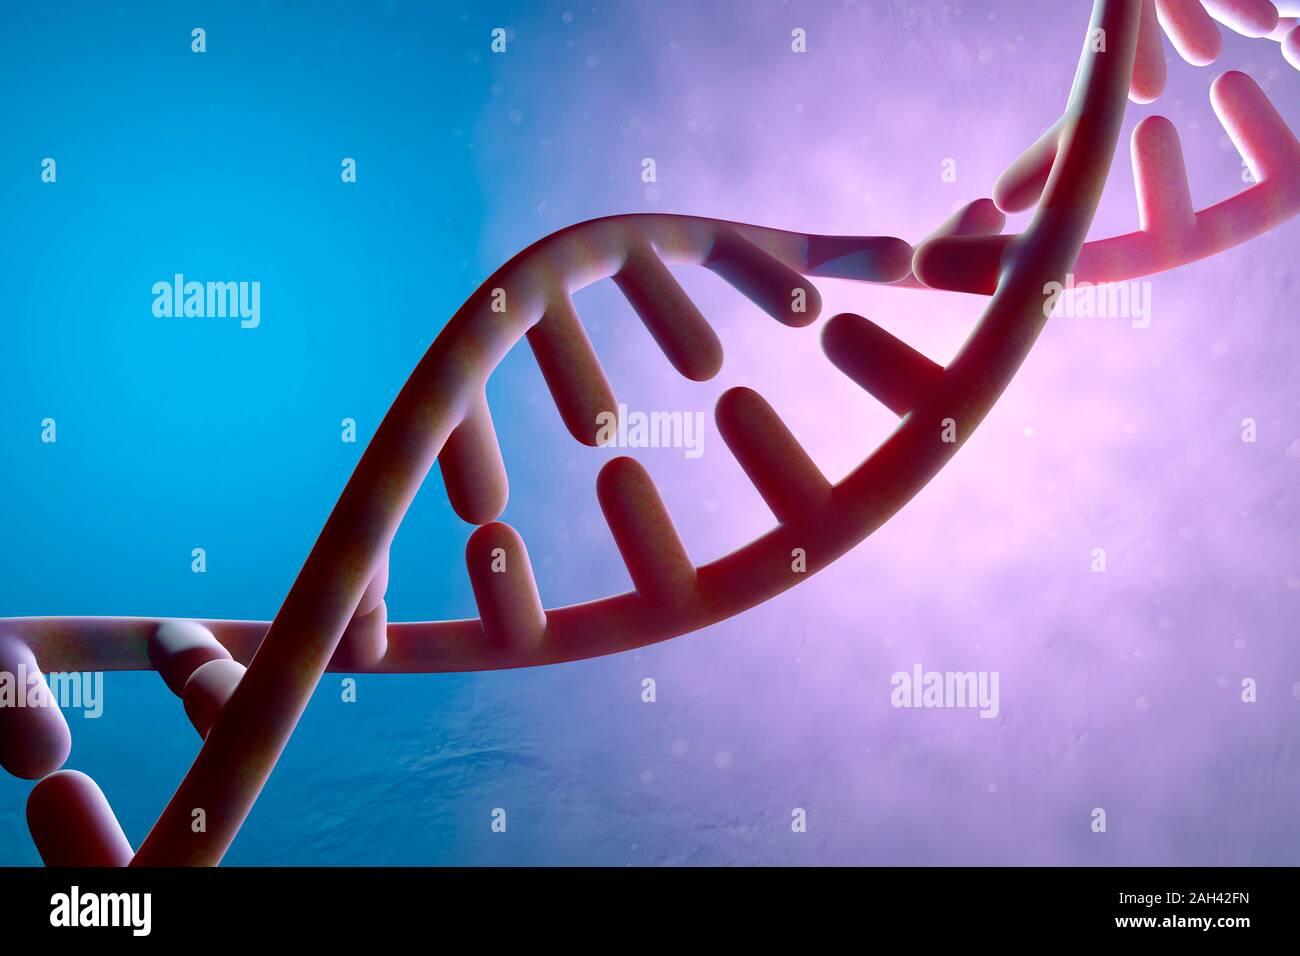 Dreidimensionales Rendern der DNA-Doppelhelix Stockfoto